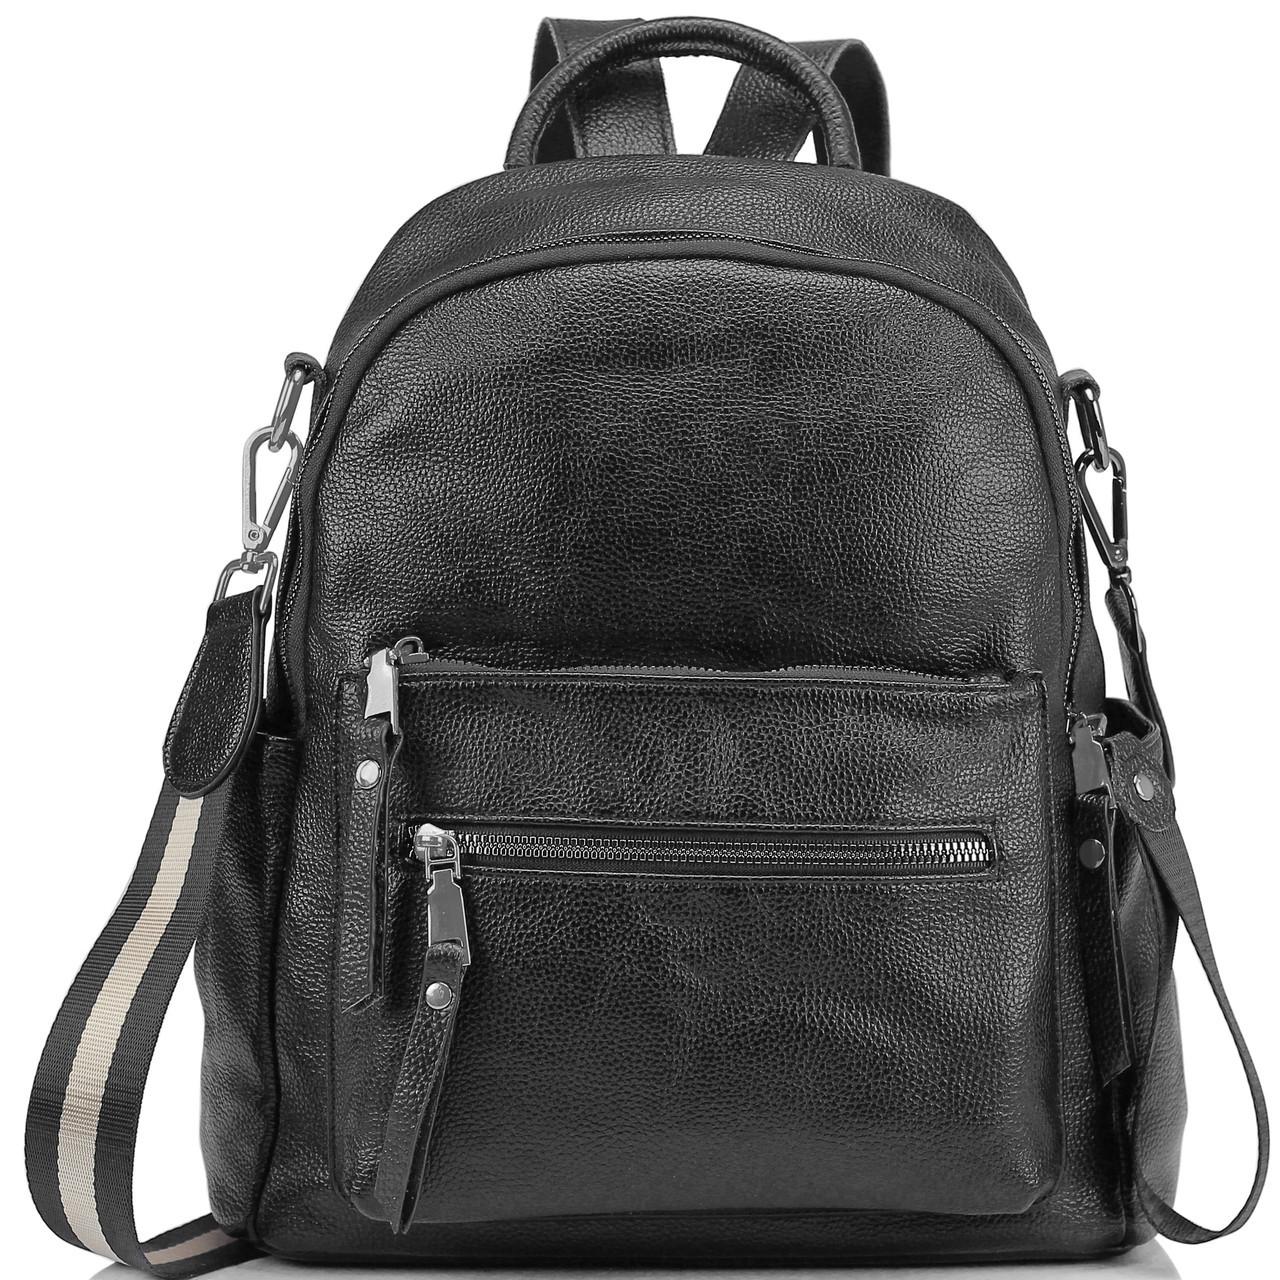 Рюкзак женский черный городской. Женский кожаный рюкзак (23515)